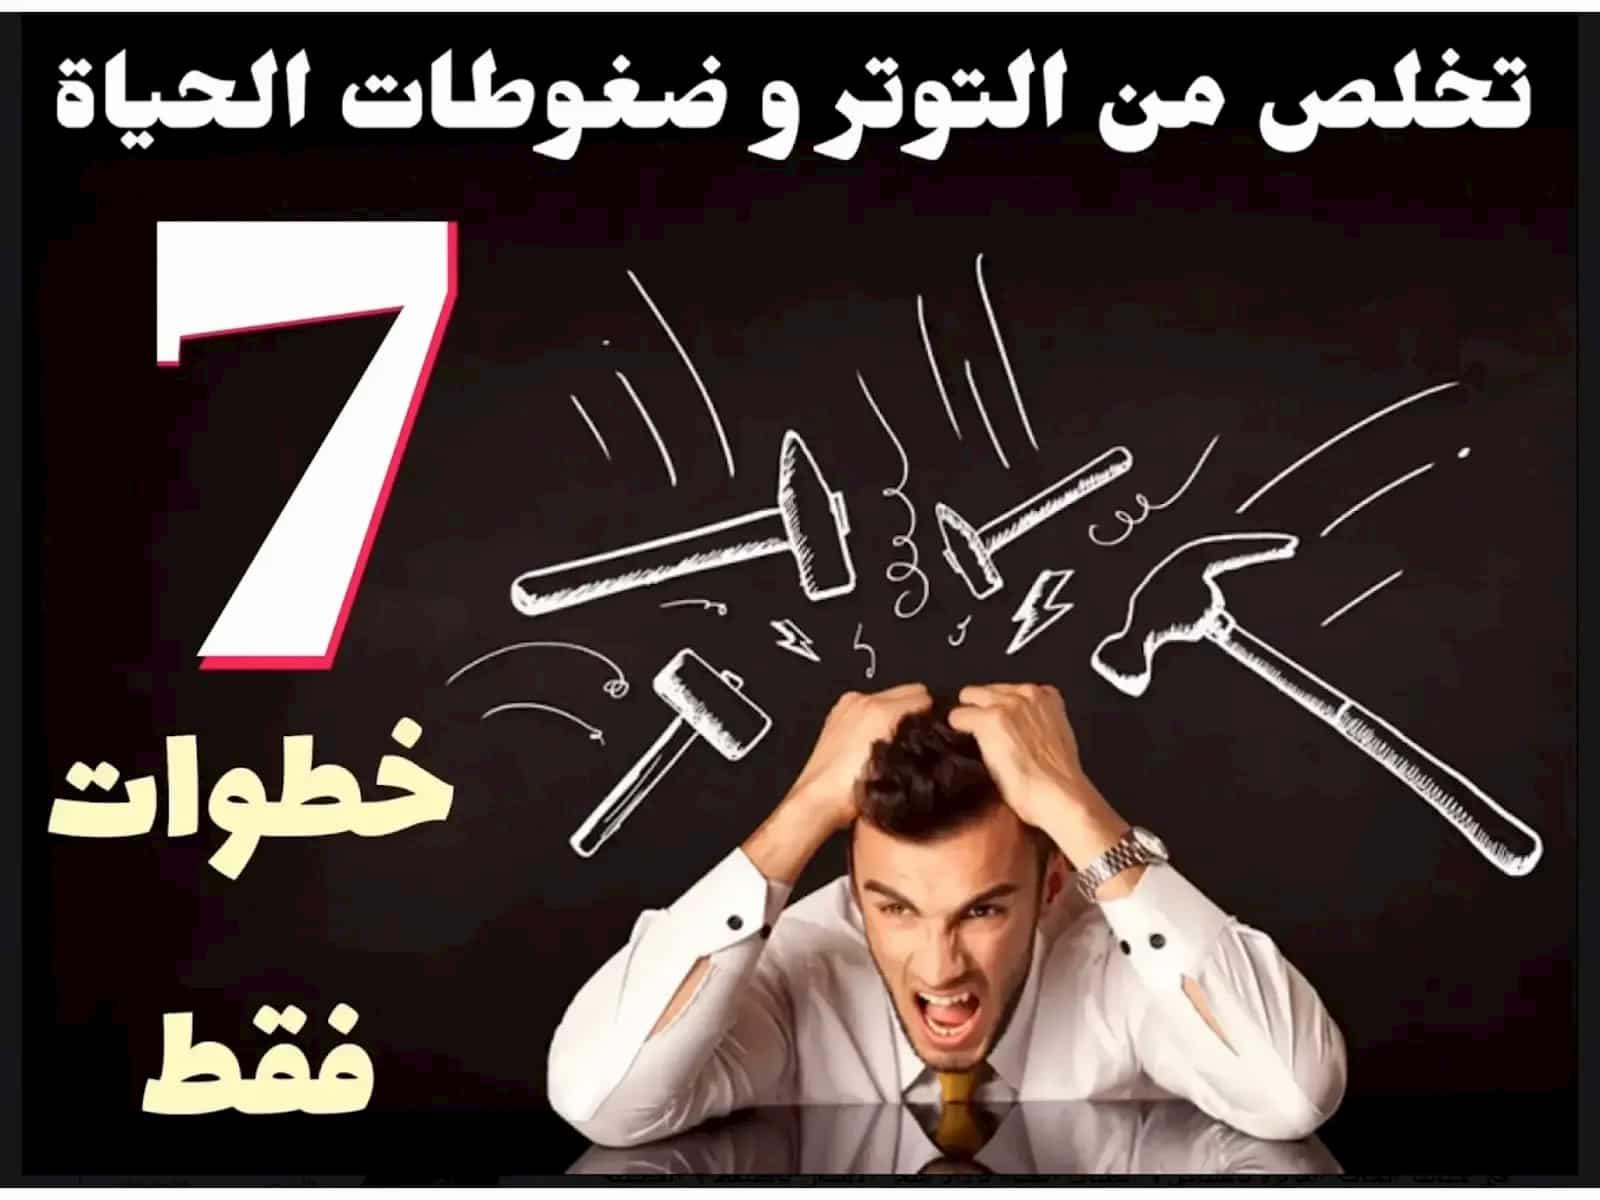 تخلص من التوتر و ضغوطات الحياة في 7 خطوات فقط